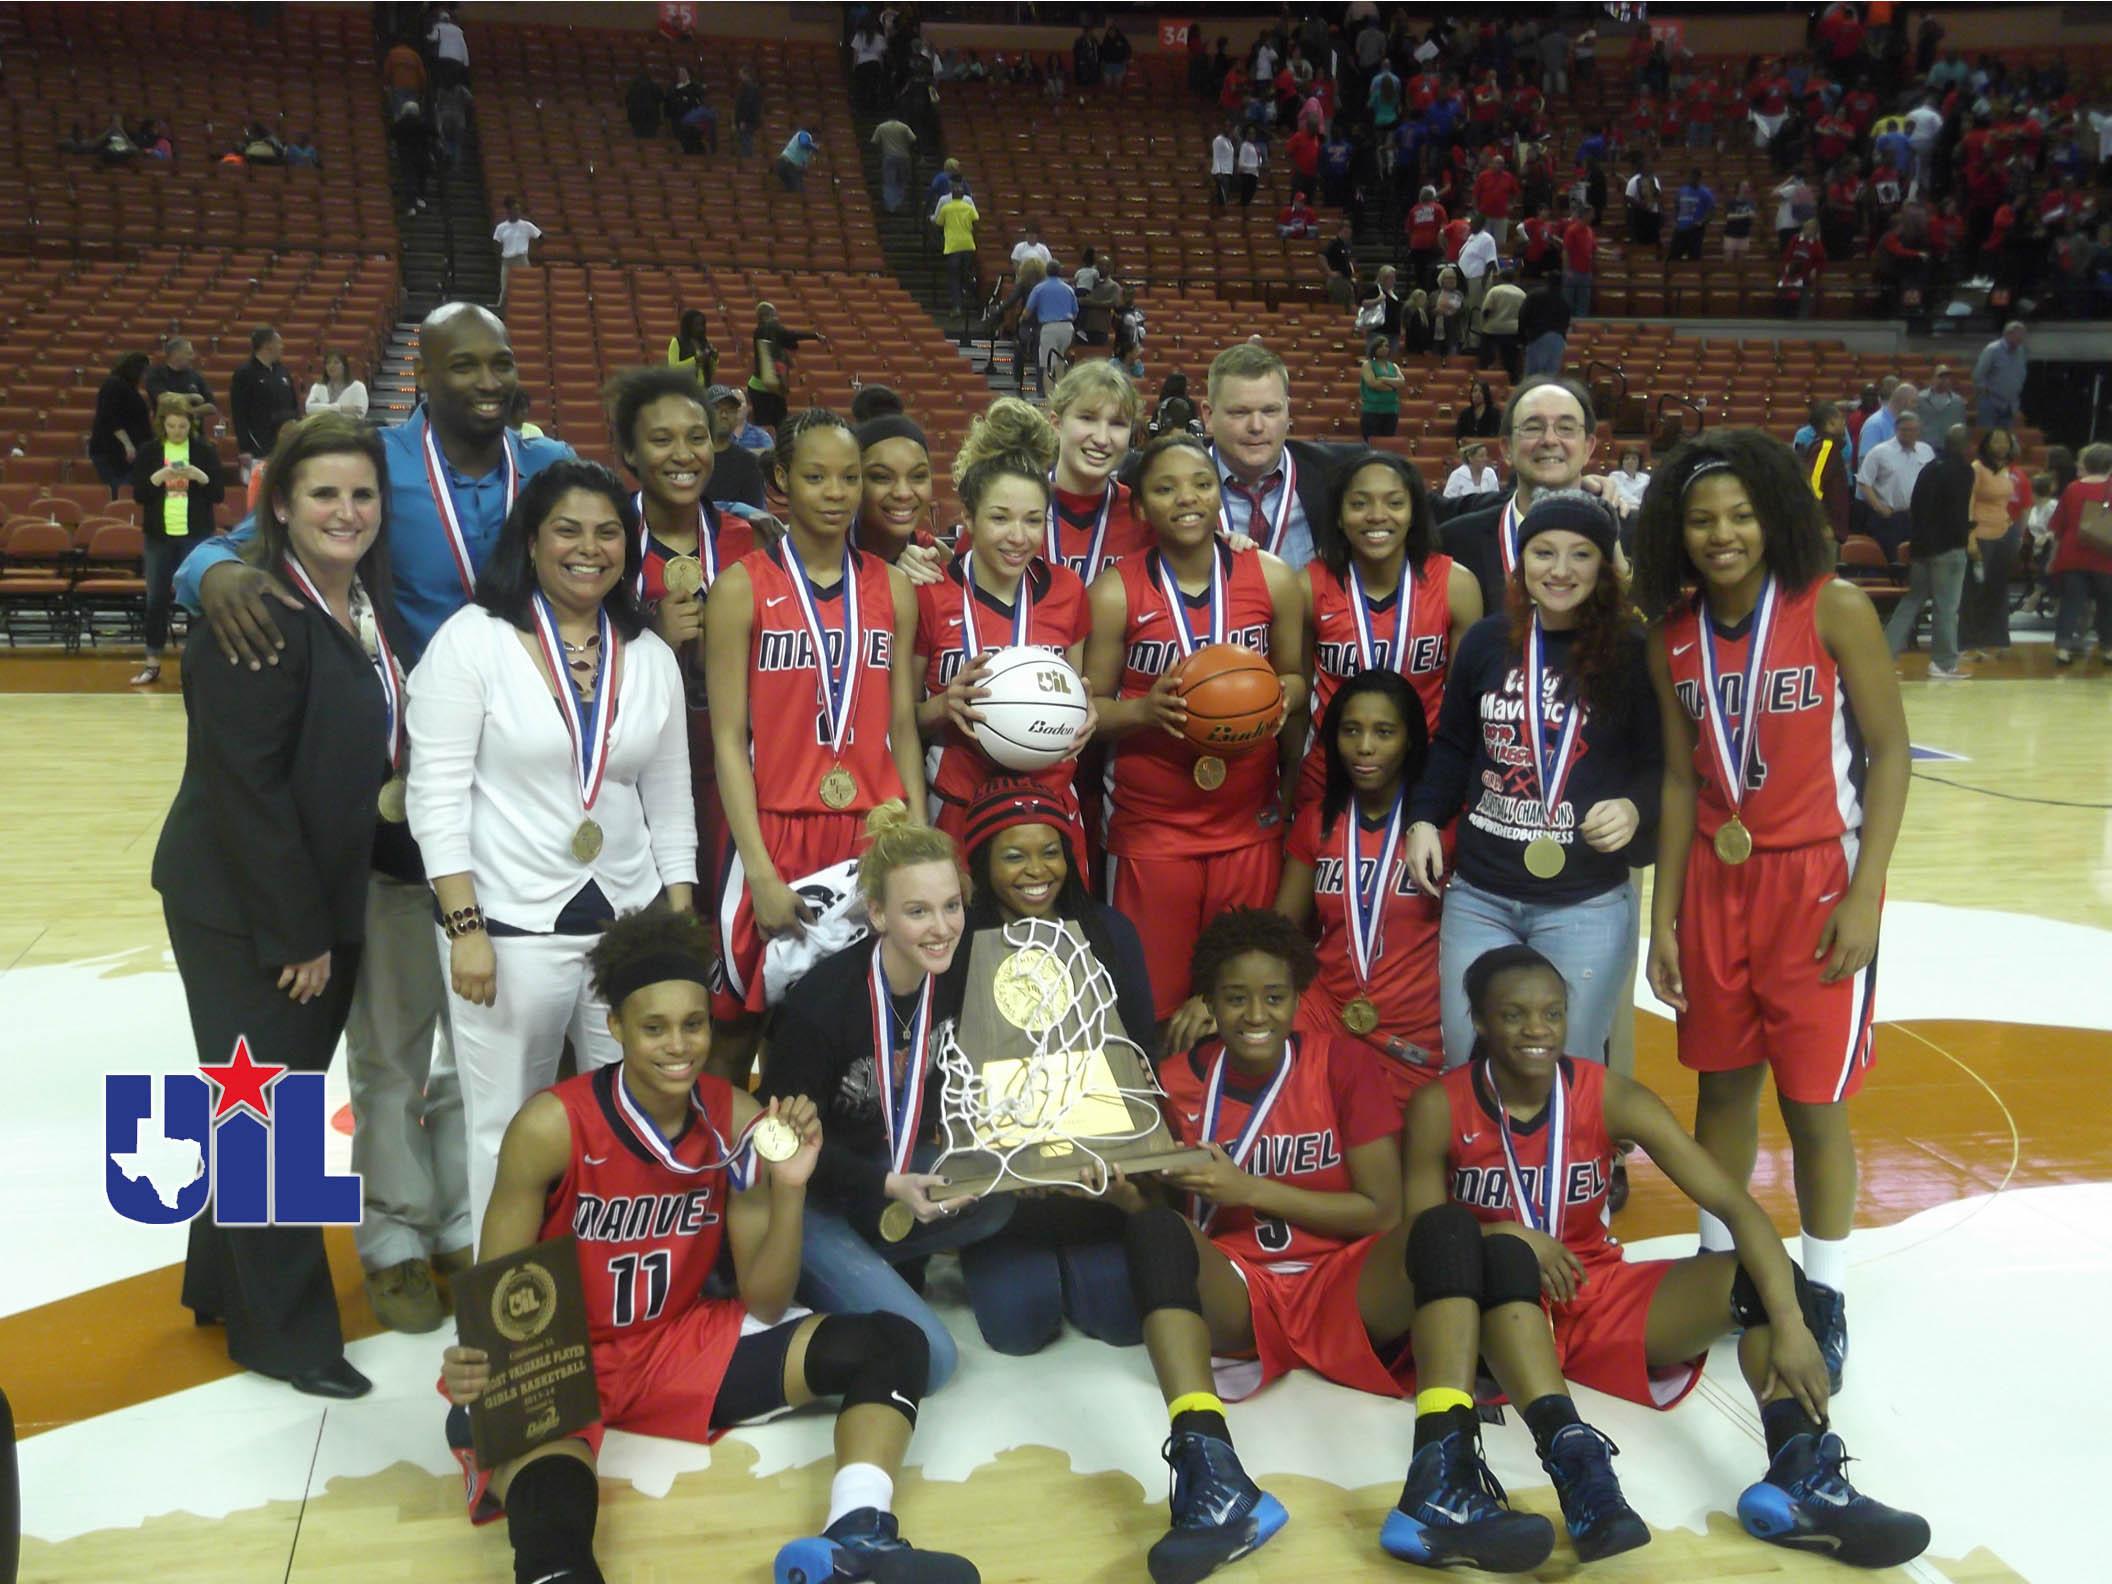 Texas High School Sports